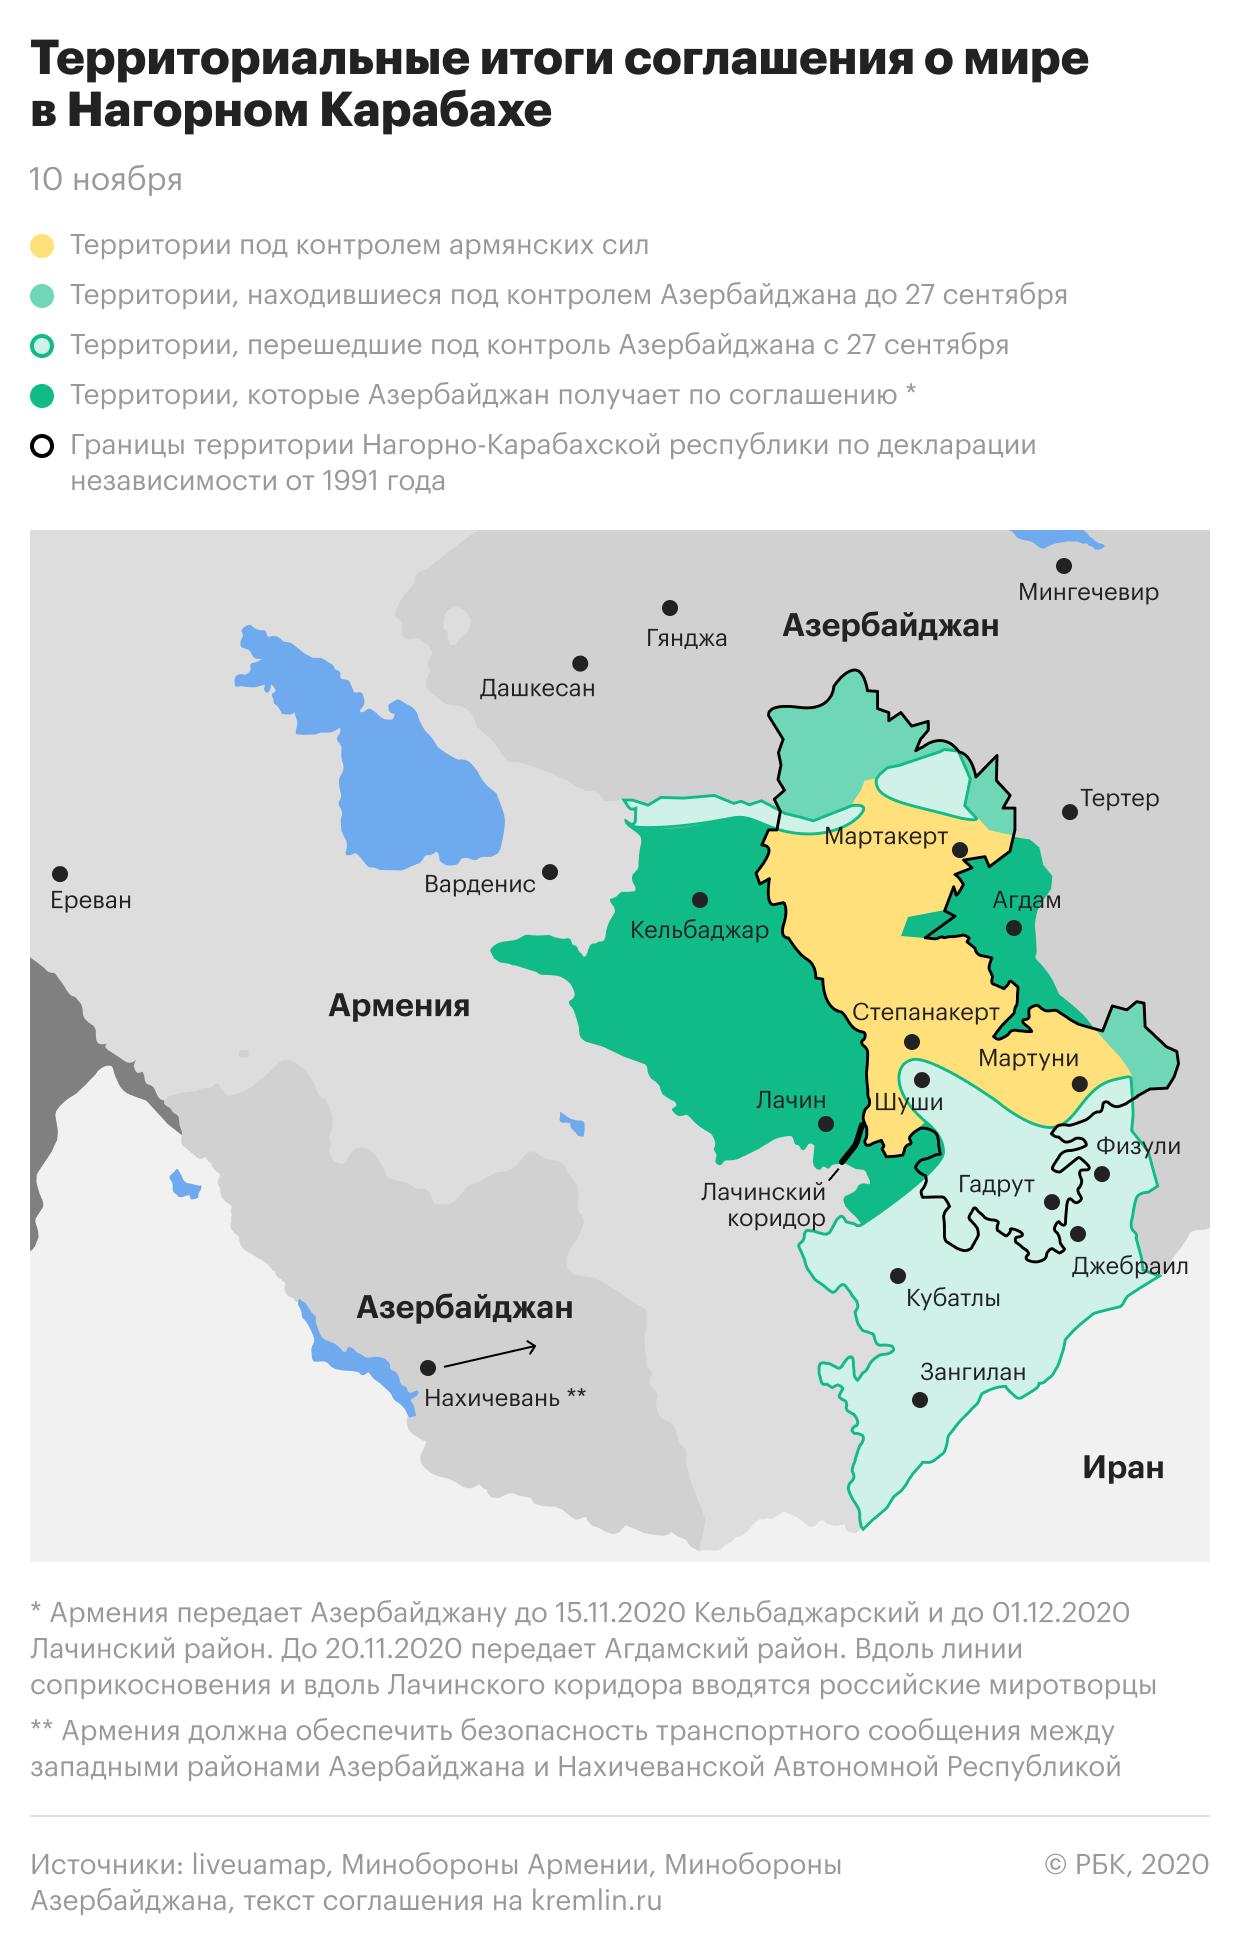 Нова карта Нагірного Карабаху